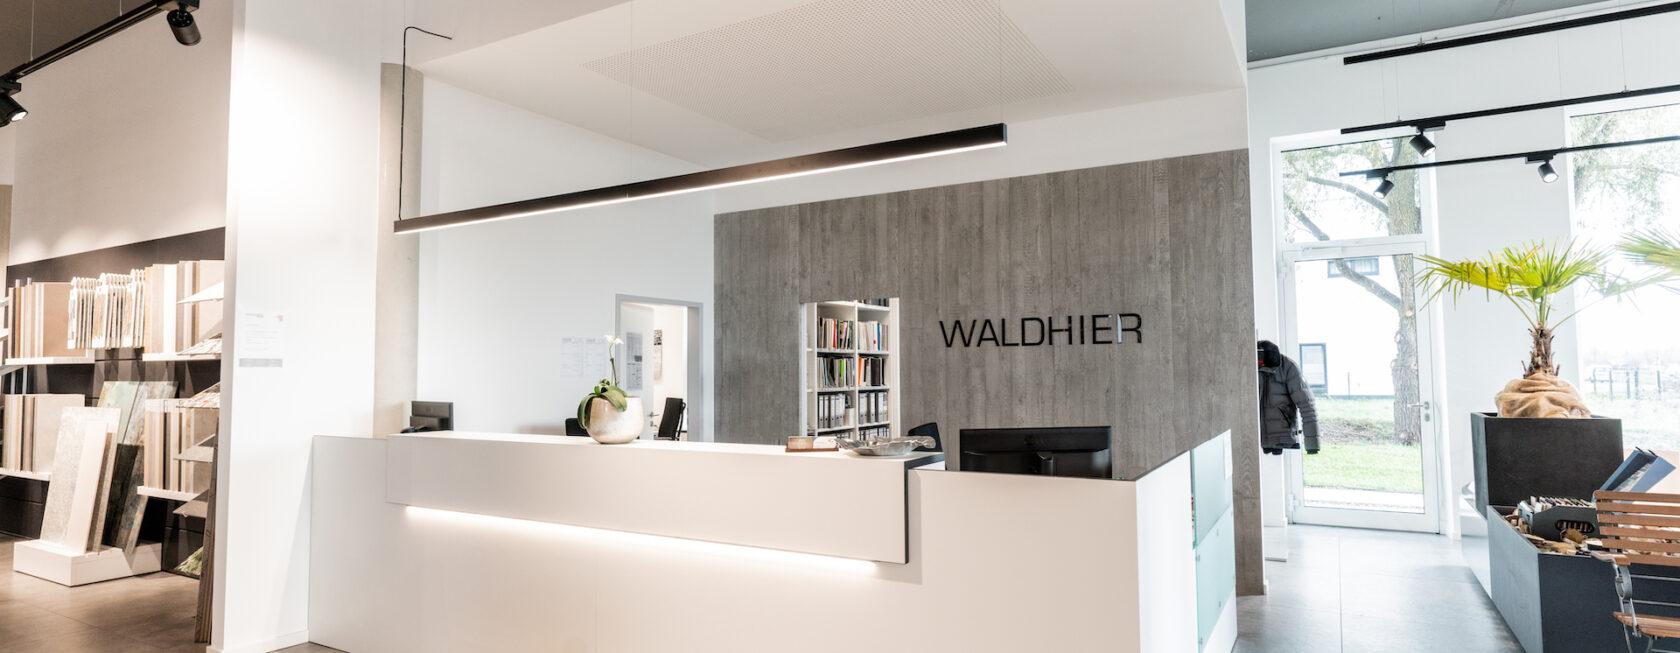 Fliesen-Waldhier-Hallbergmoos-06